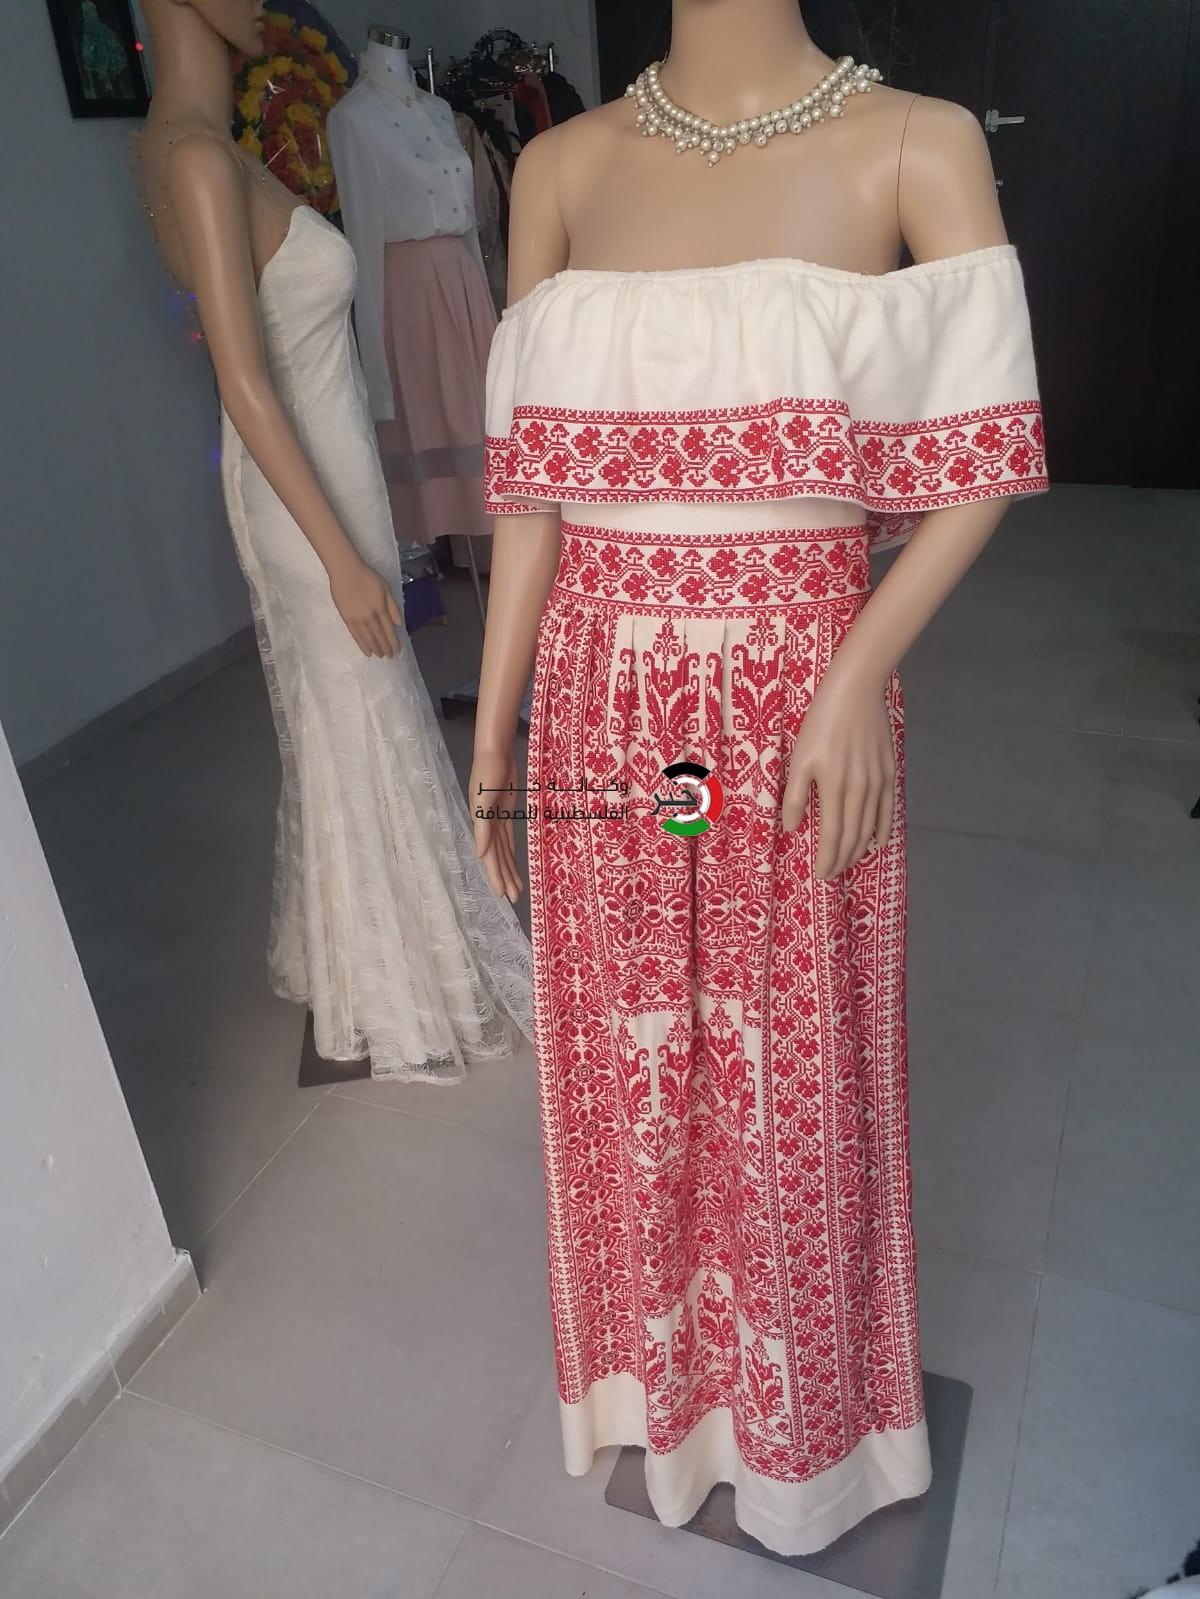 1cbbddd0008d6 بالصور  فتاتان تُنشئان معرضاً لتصميم الأزياء في غزّة - وكالة خبر ...